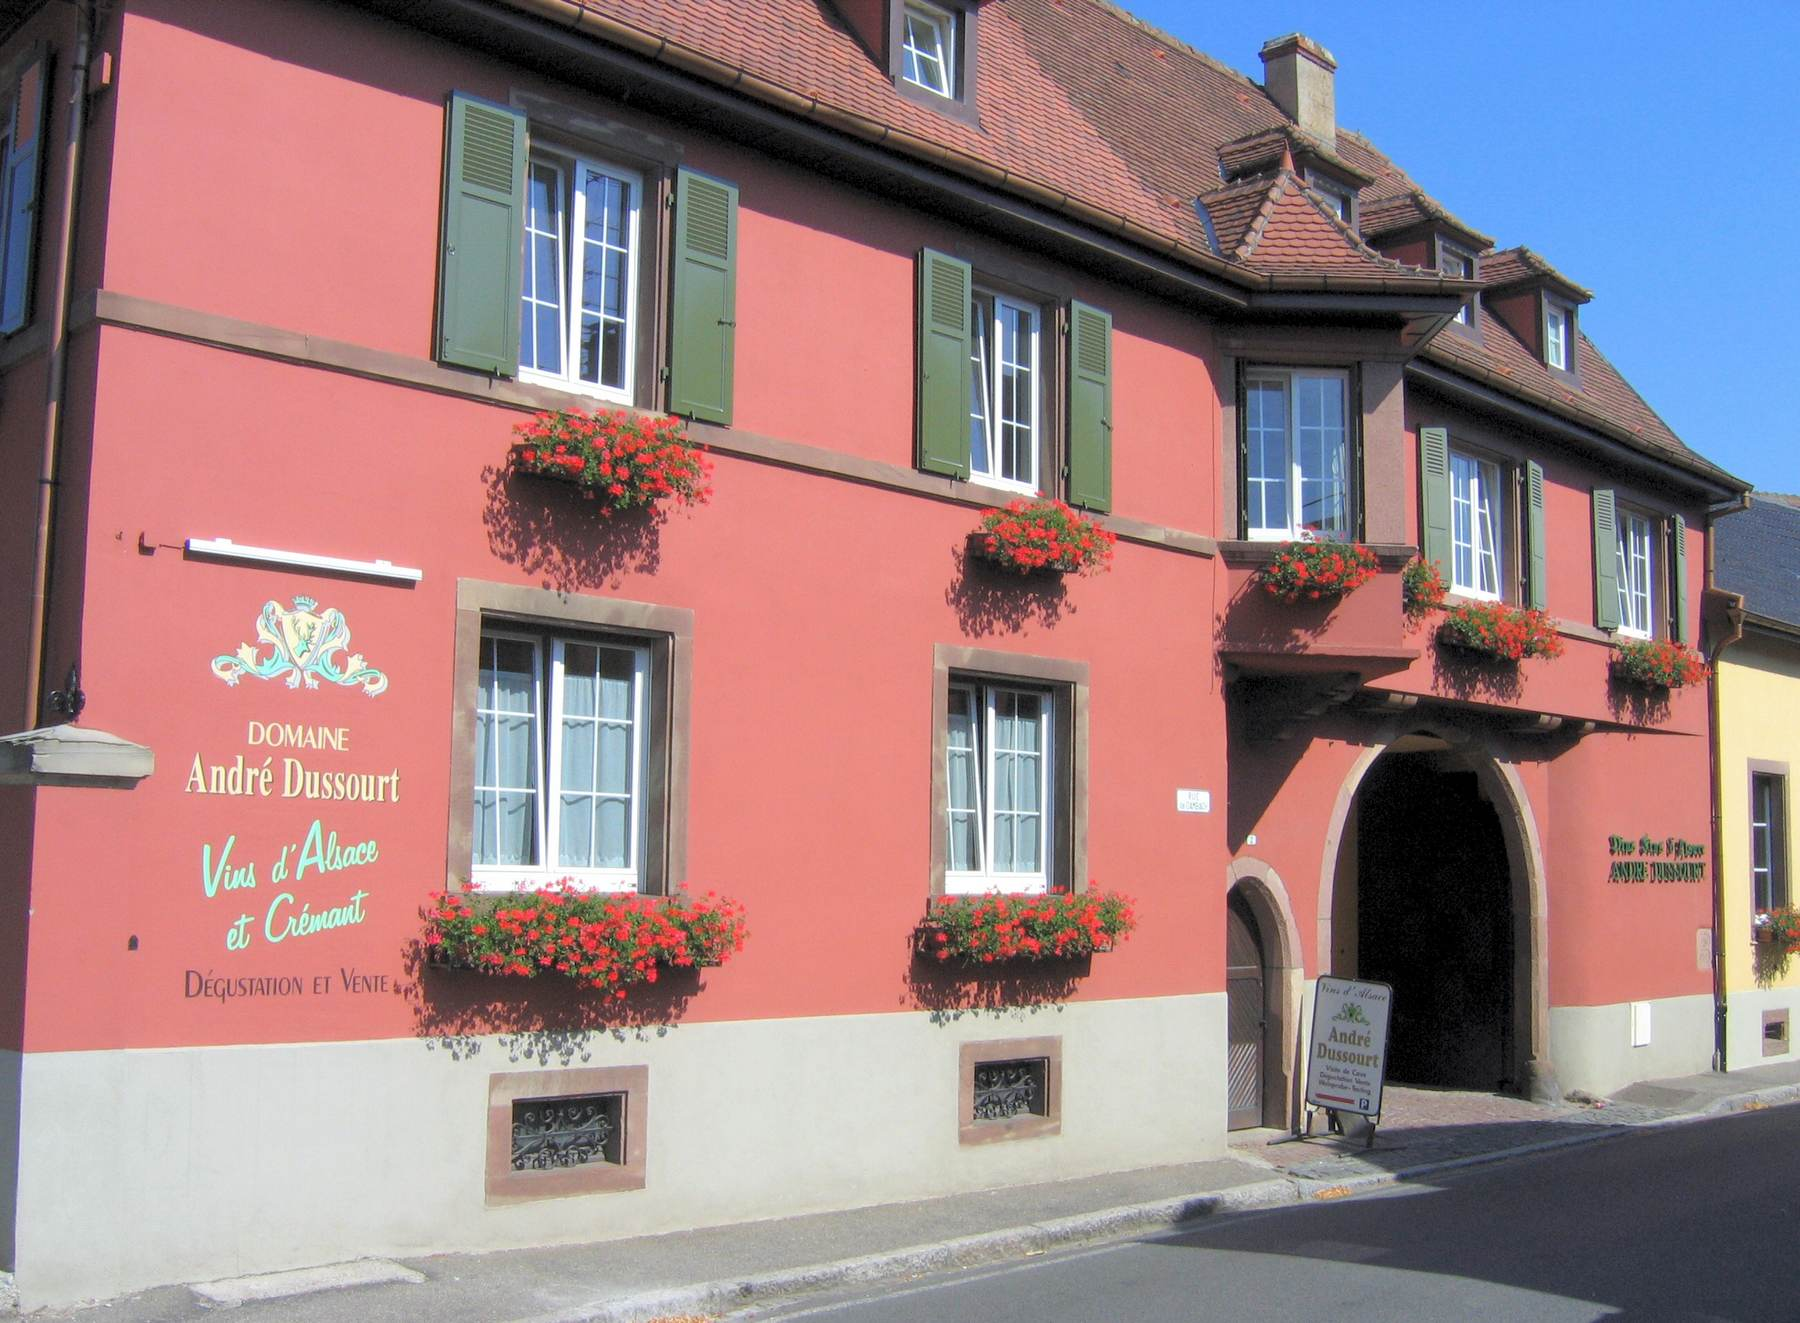 Domaine Dussourt